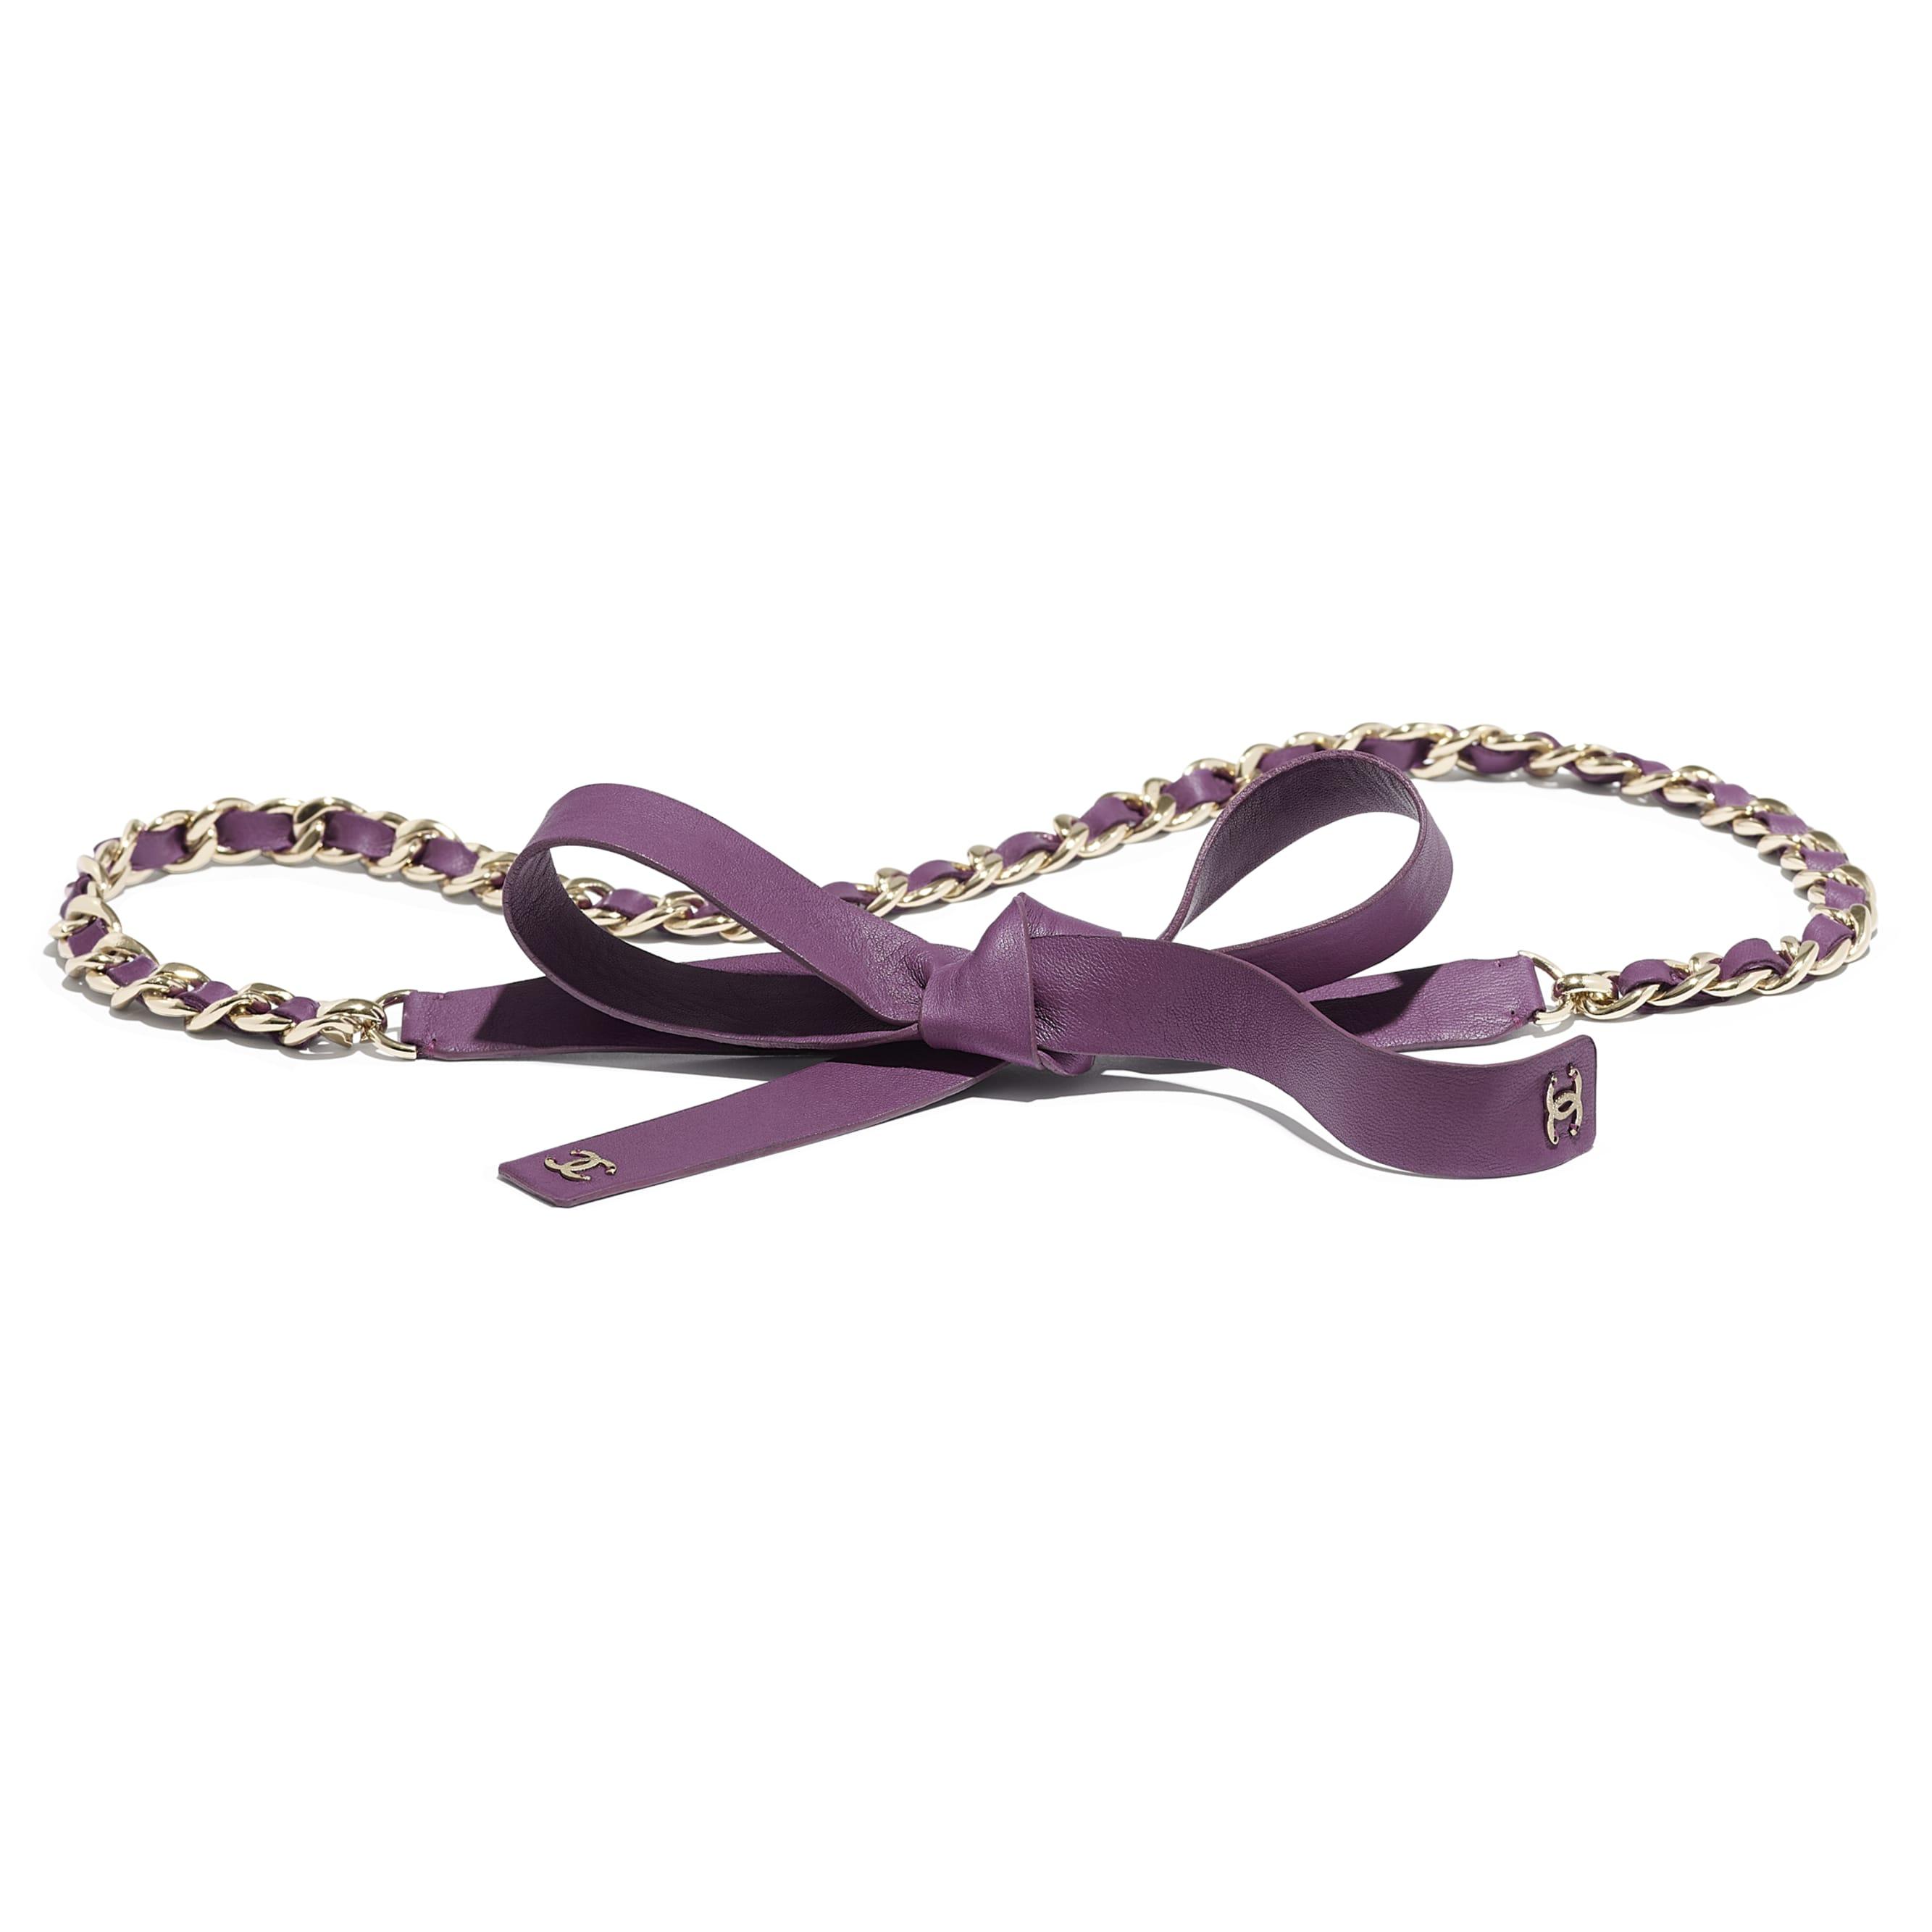 腰帶 - 紫 - 小羊皮與金色金屬 - 預設視圖 - 查看標準尺寸版本